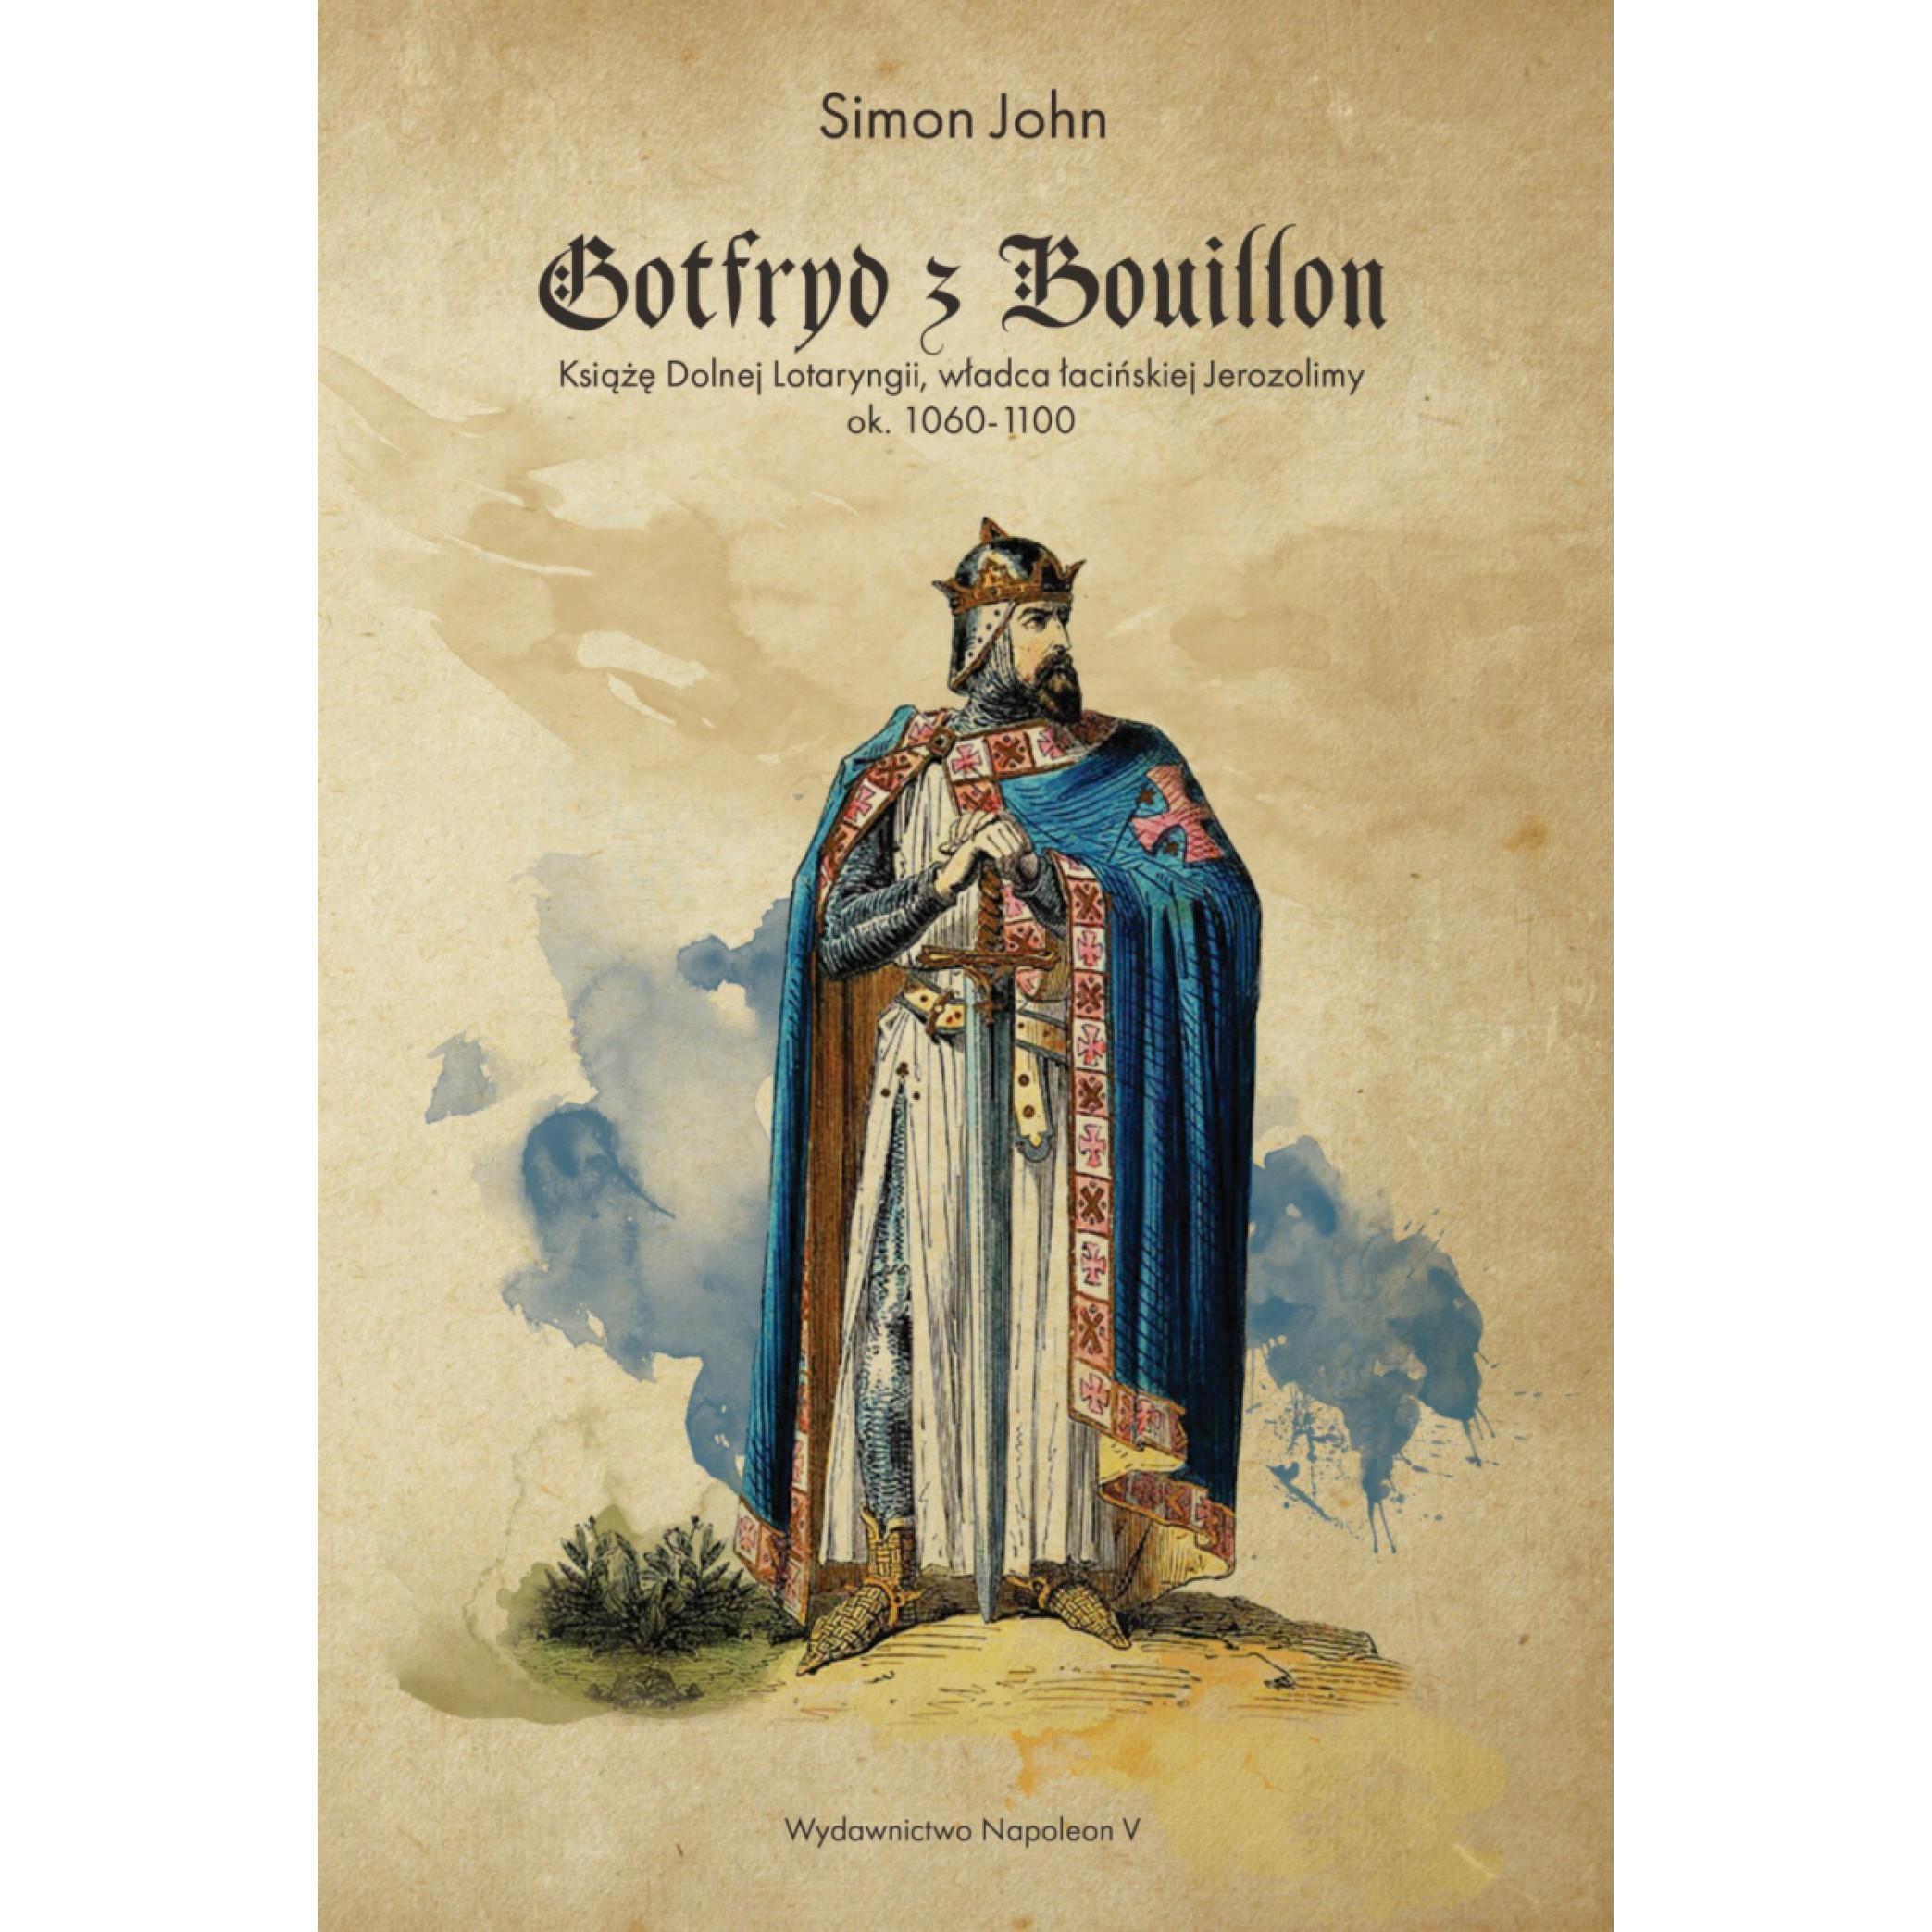 Gotfryd z Bouillon. Książę Dolnej Lotaryngii, władca łacińskiej Jerozolimy, ok. 1060-1100